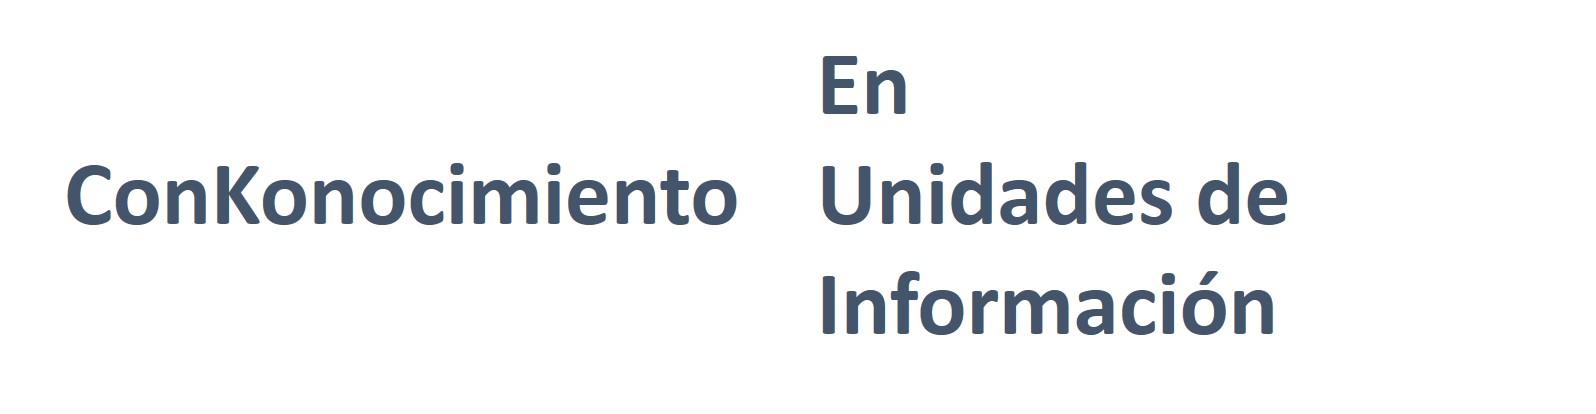 Conkonocimiento en Unidades de Información